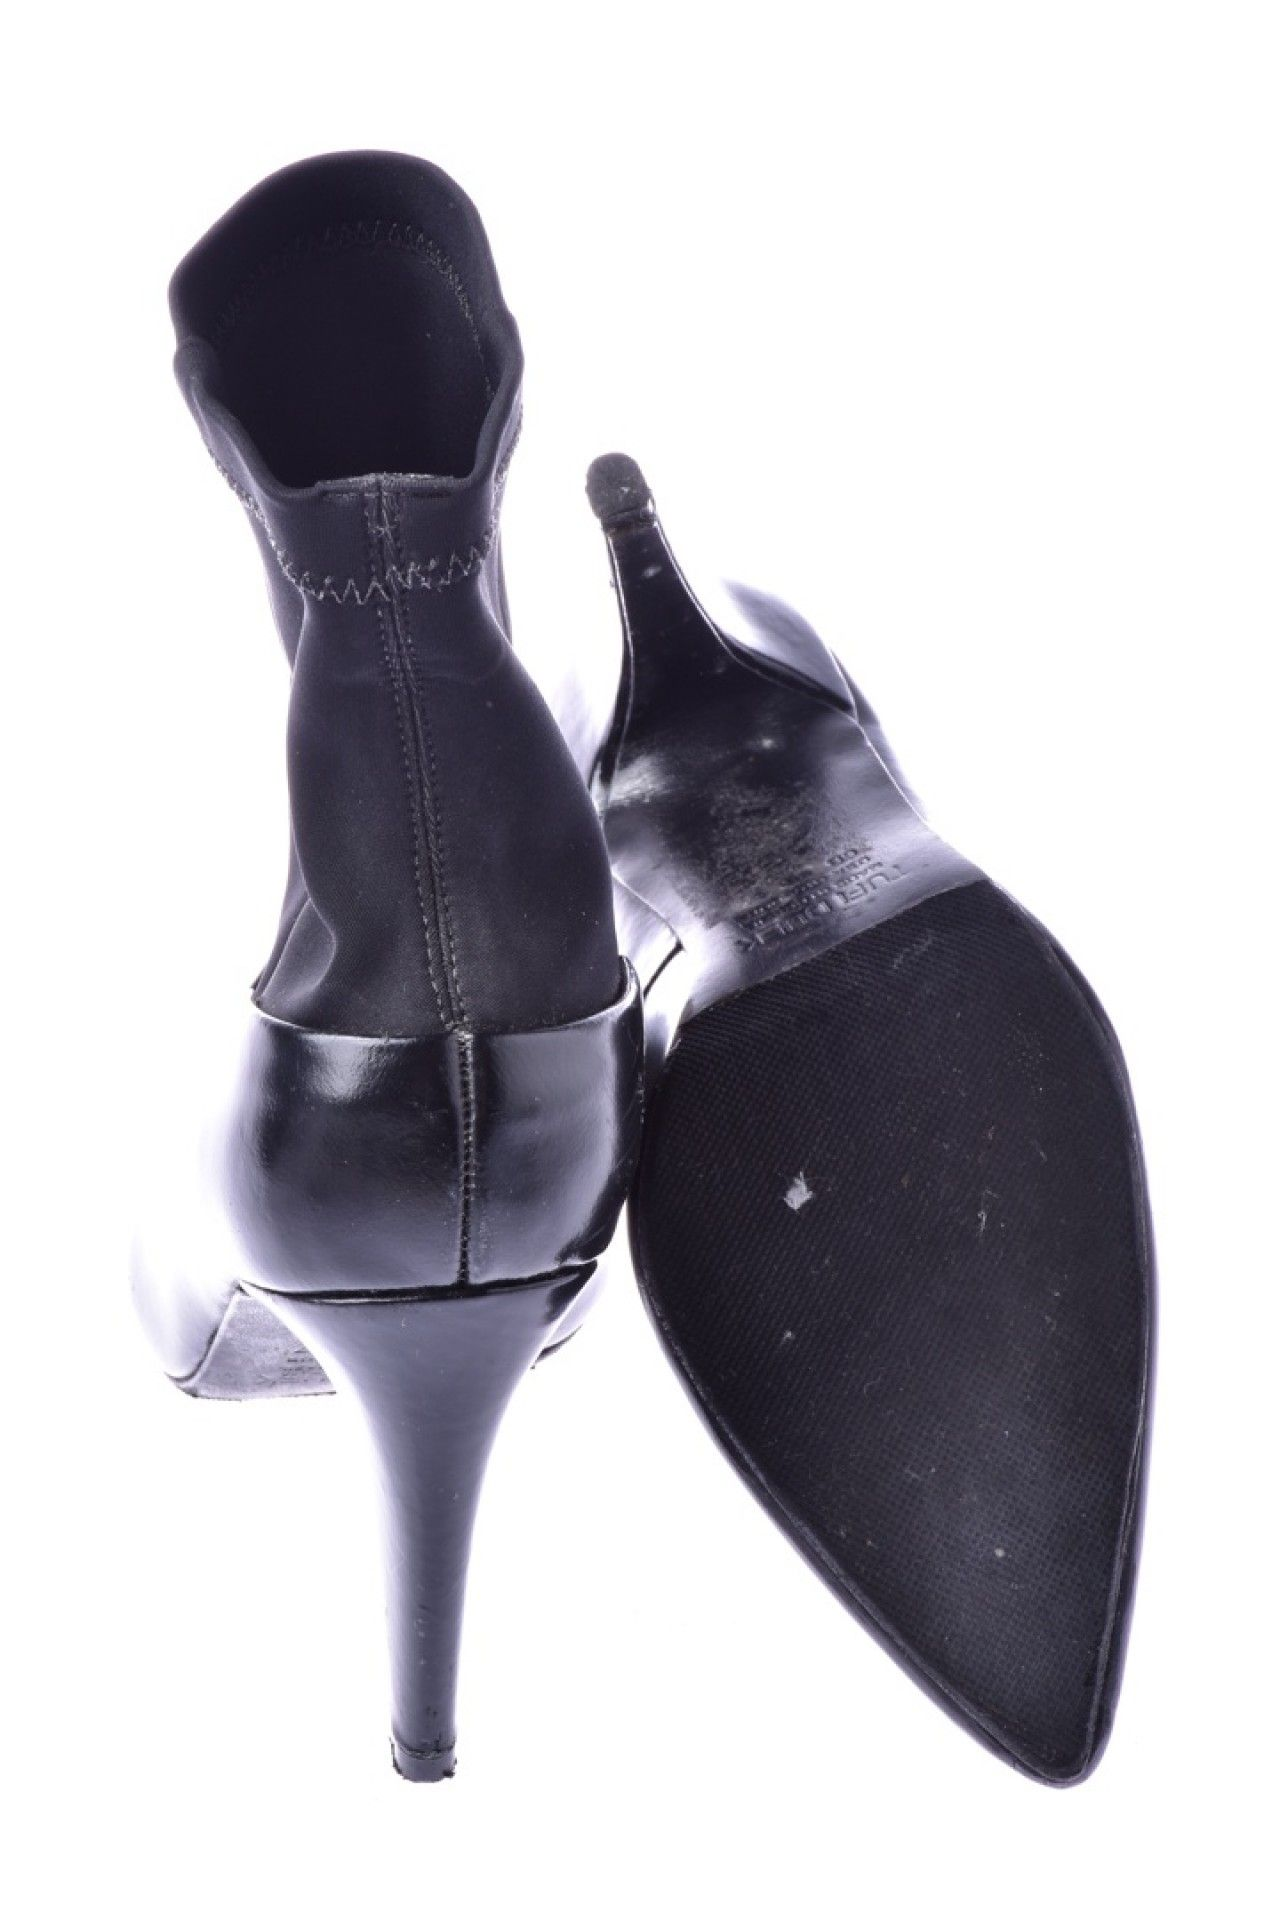 Tufi Duek - Sapato Preto Tecido  - Foto 3